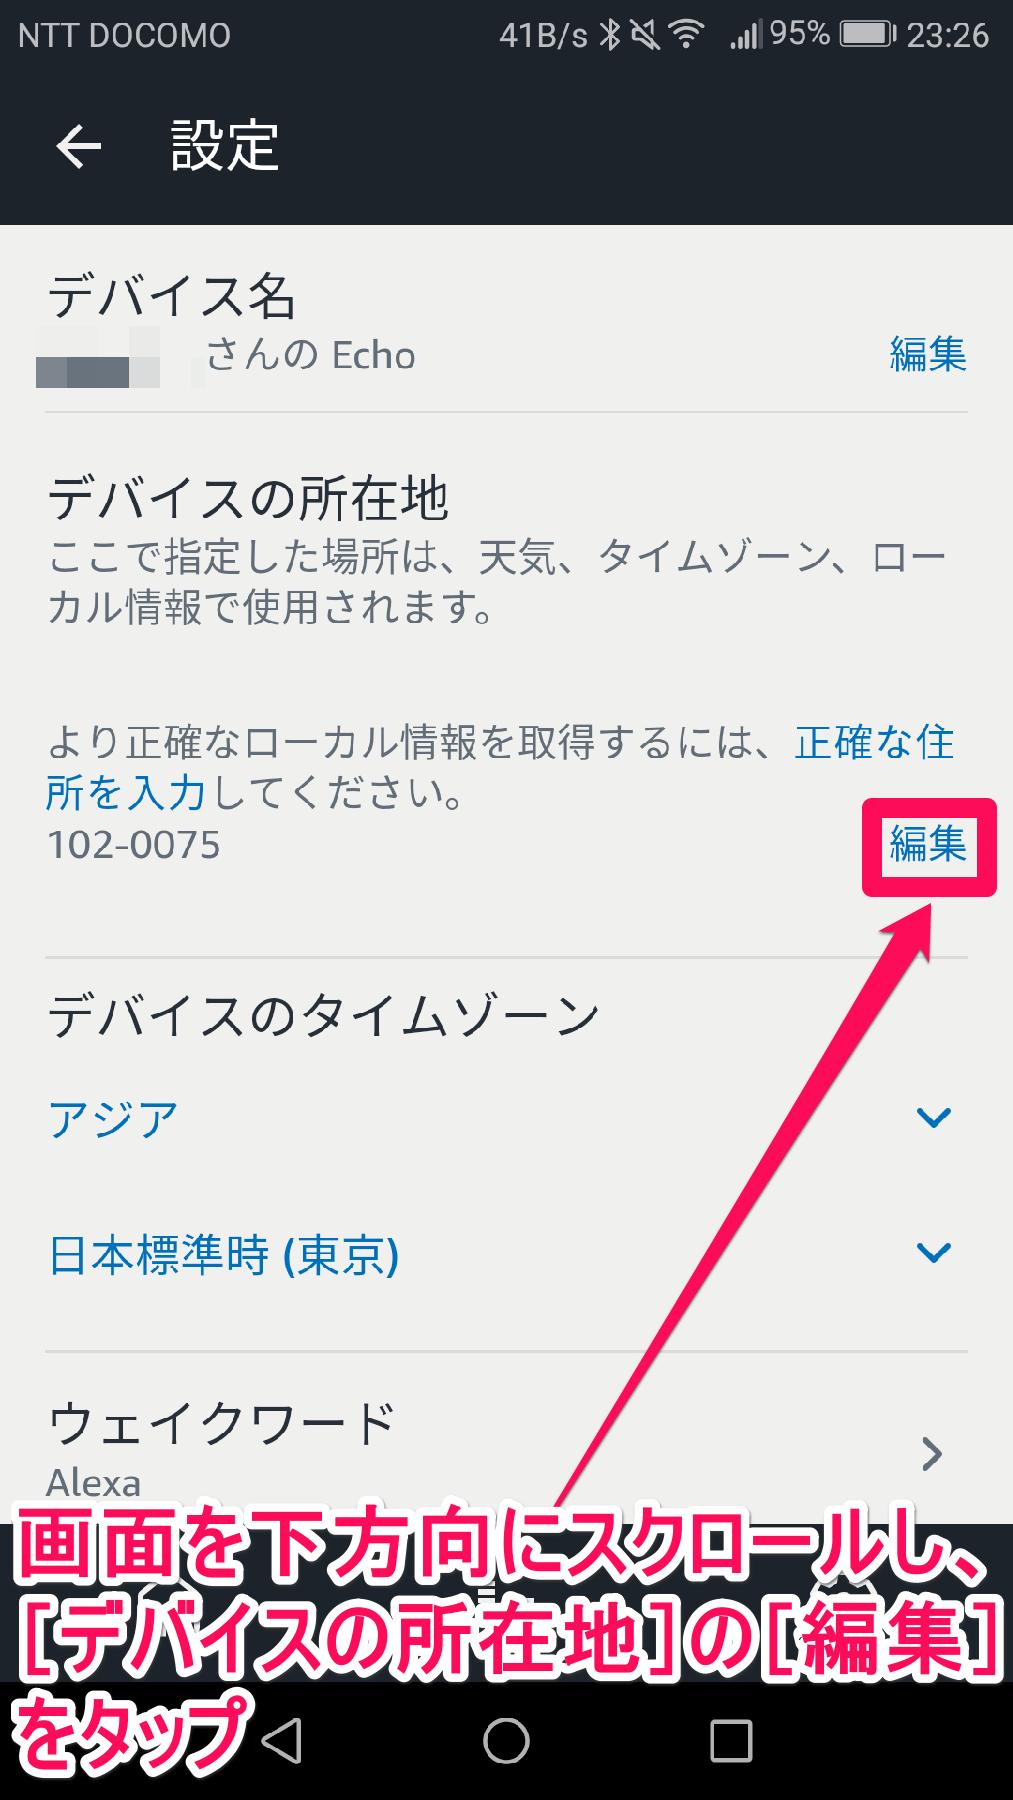 アマゾンアレクサ(Amazon Alexa)アプリのデバイスの詳細画面